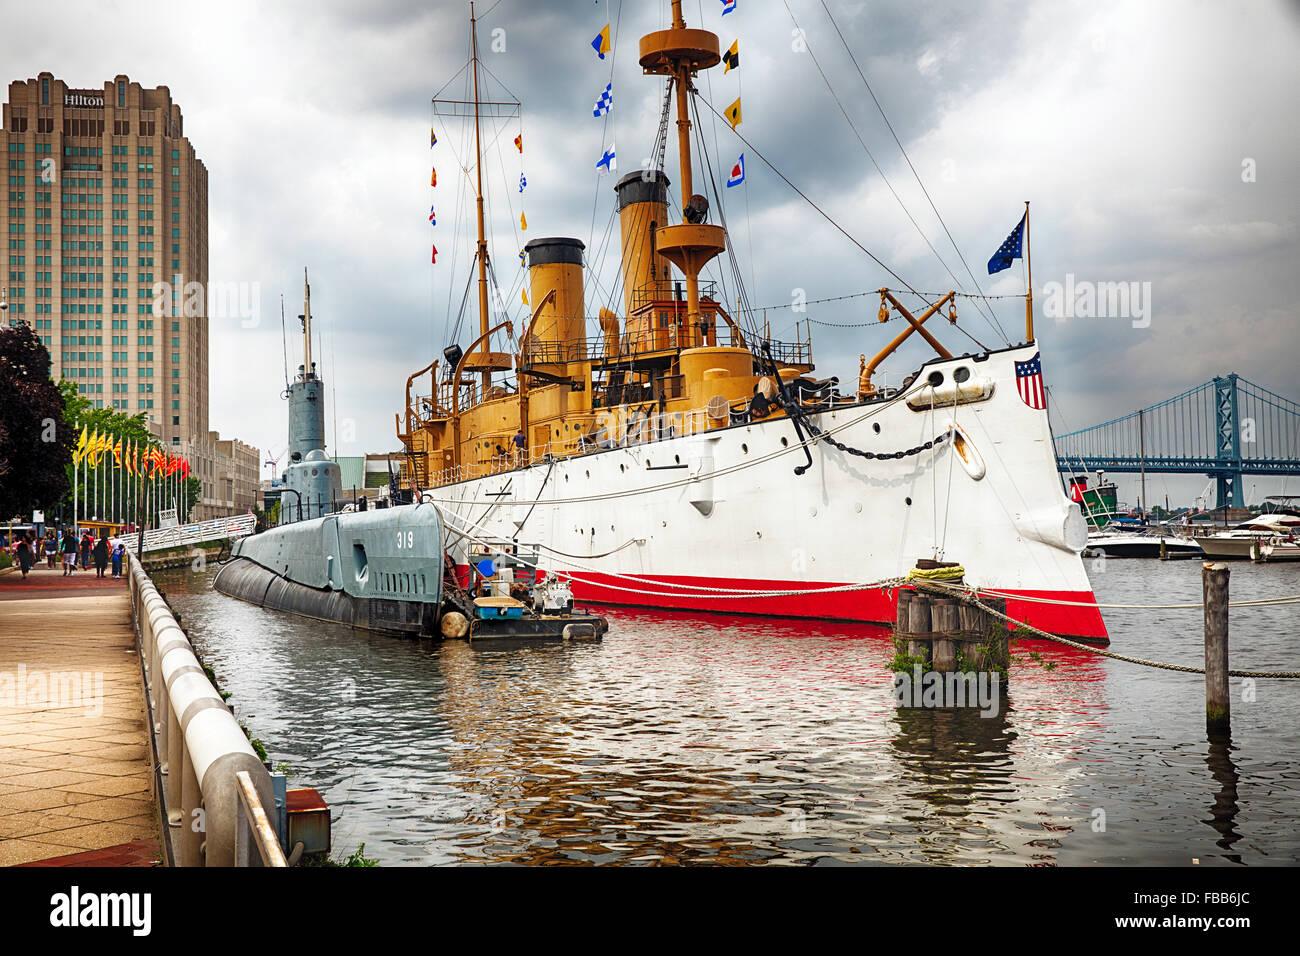 Vista de la nave y los Olympia Submarino Becuna atracó en el Independence Seaport Museum, Filadelfia, Pennsylvania Imagen De Stock